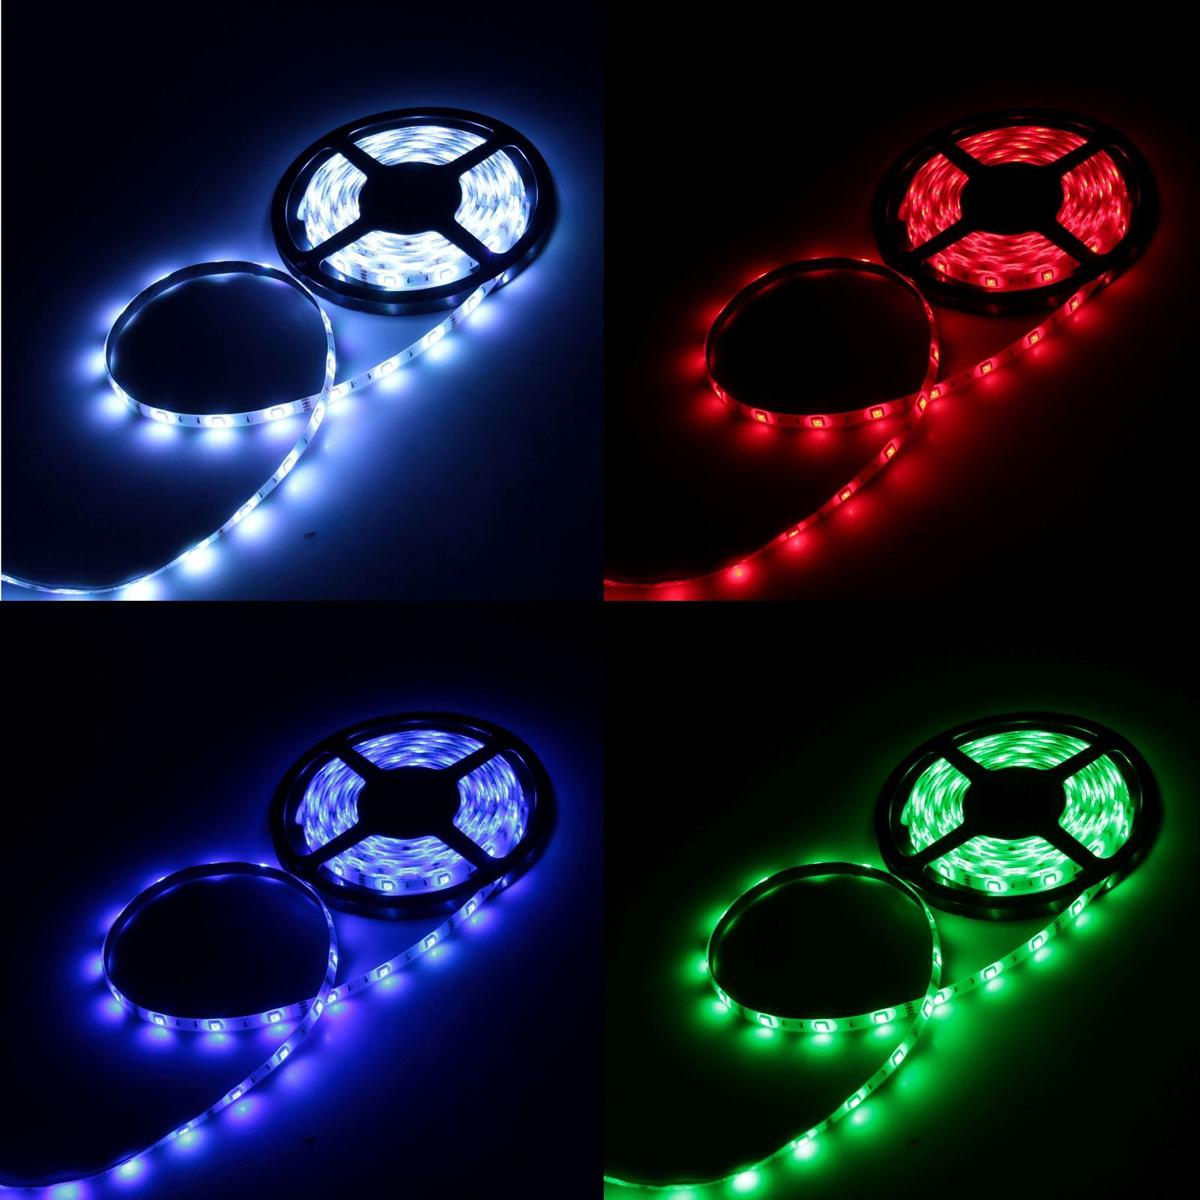 Светодиодная лента Luazon, 12В, SMD5050, длина 5 м, IP65, 30 LED ламп, 7.2 Вт/м, 14-16 Лм/1 LED, DC, цвет: мультиколор217-119Светодиодные гирлянды, ленты и т.д — это отличный вариант для новогоднего оформления интерьера или фасада. С их помощью помещение любого размера можно превратить в праздничный зал, а внешние элементы зданий, украшенные ими, мгновенно станут напоминать очертания сказочного дворца. Такие украшения создают ауру предвкушения чуда. Деревья, фасады, витрины, окна и арки будто специально созданы, чтобы вы украсили их светящимися нитями.